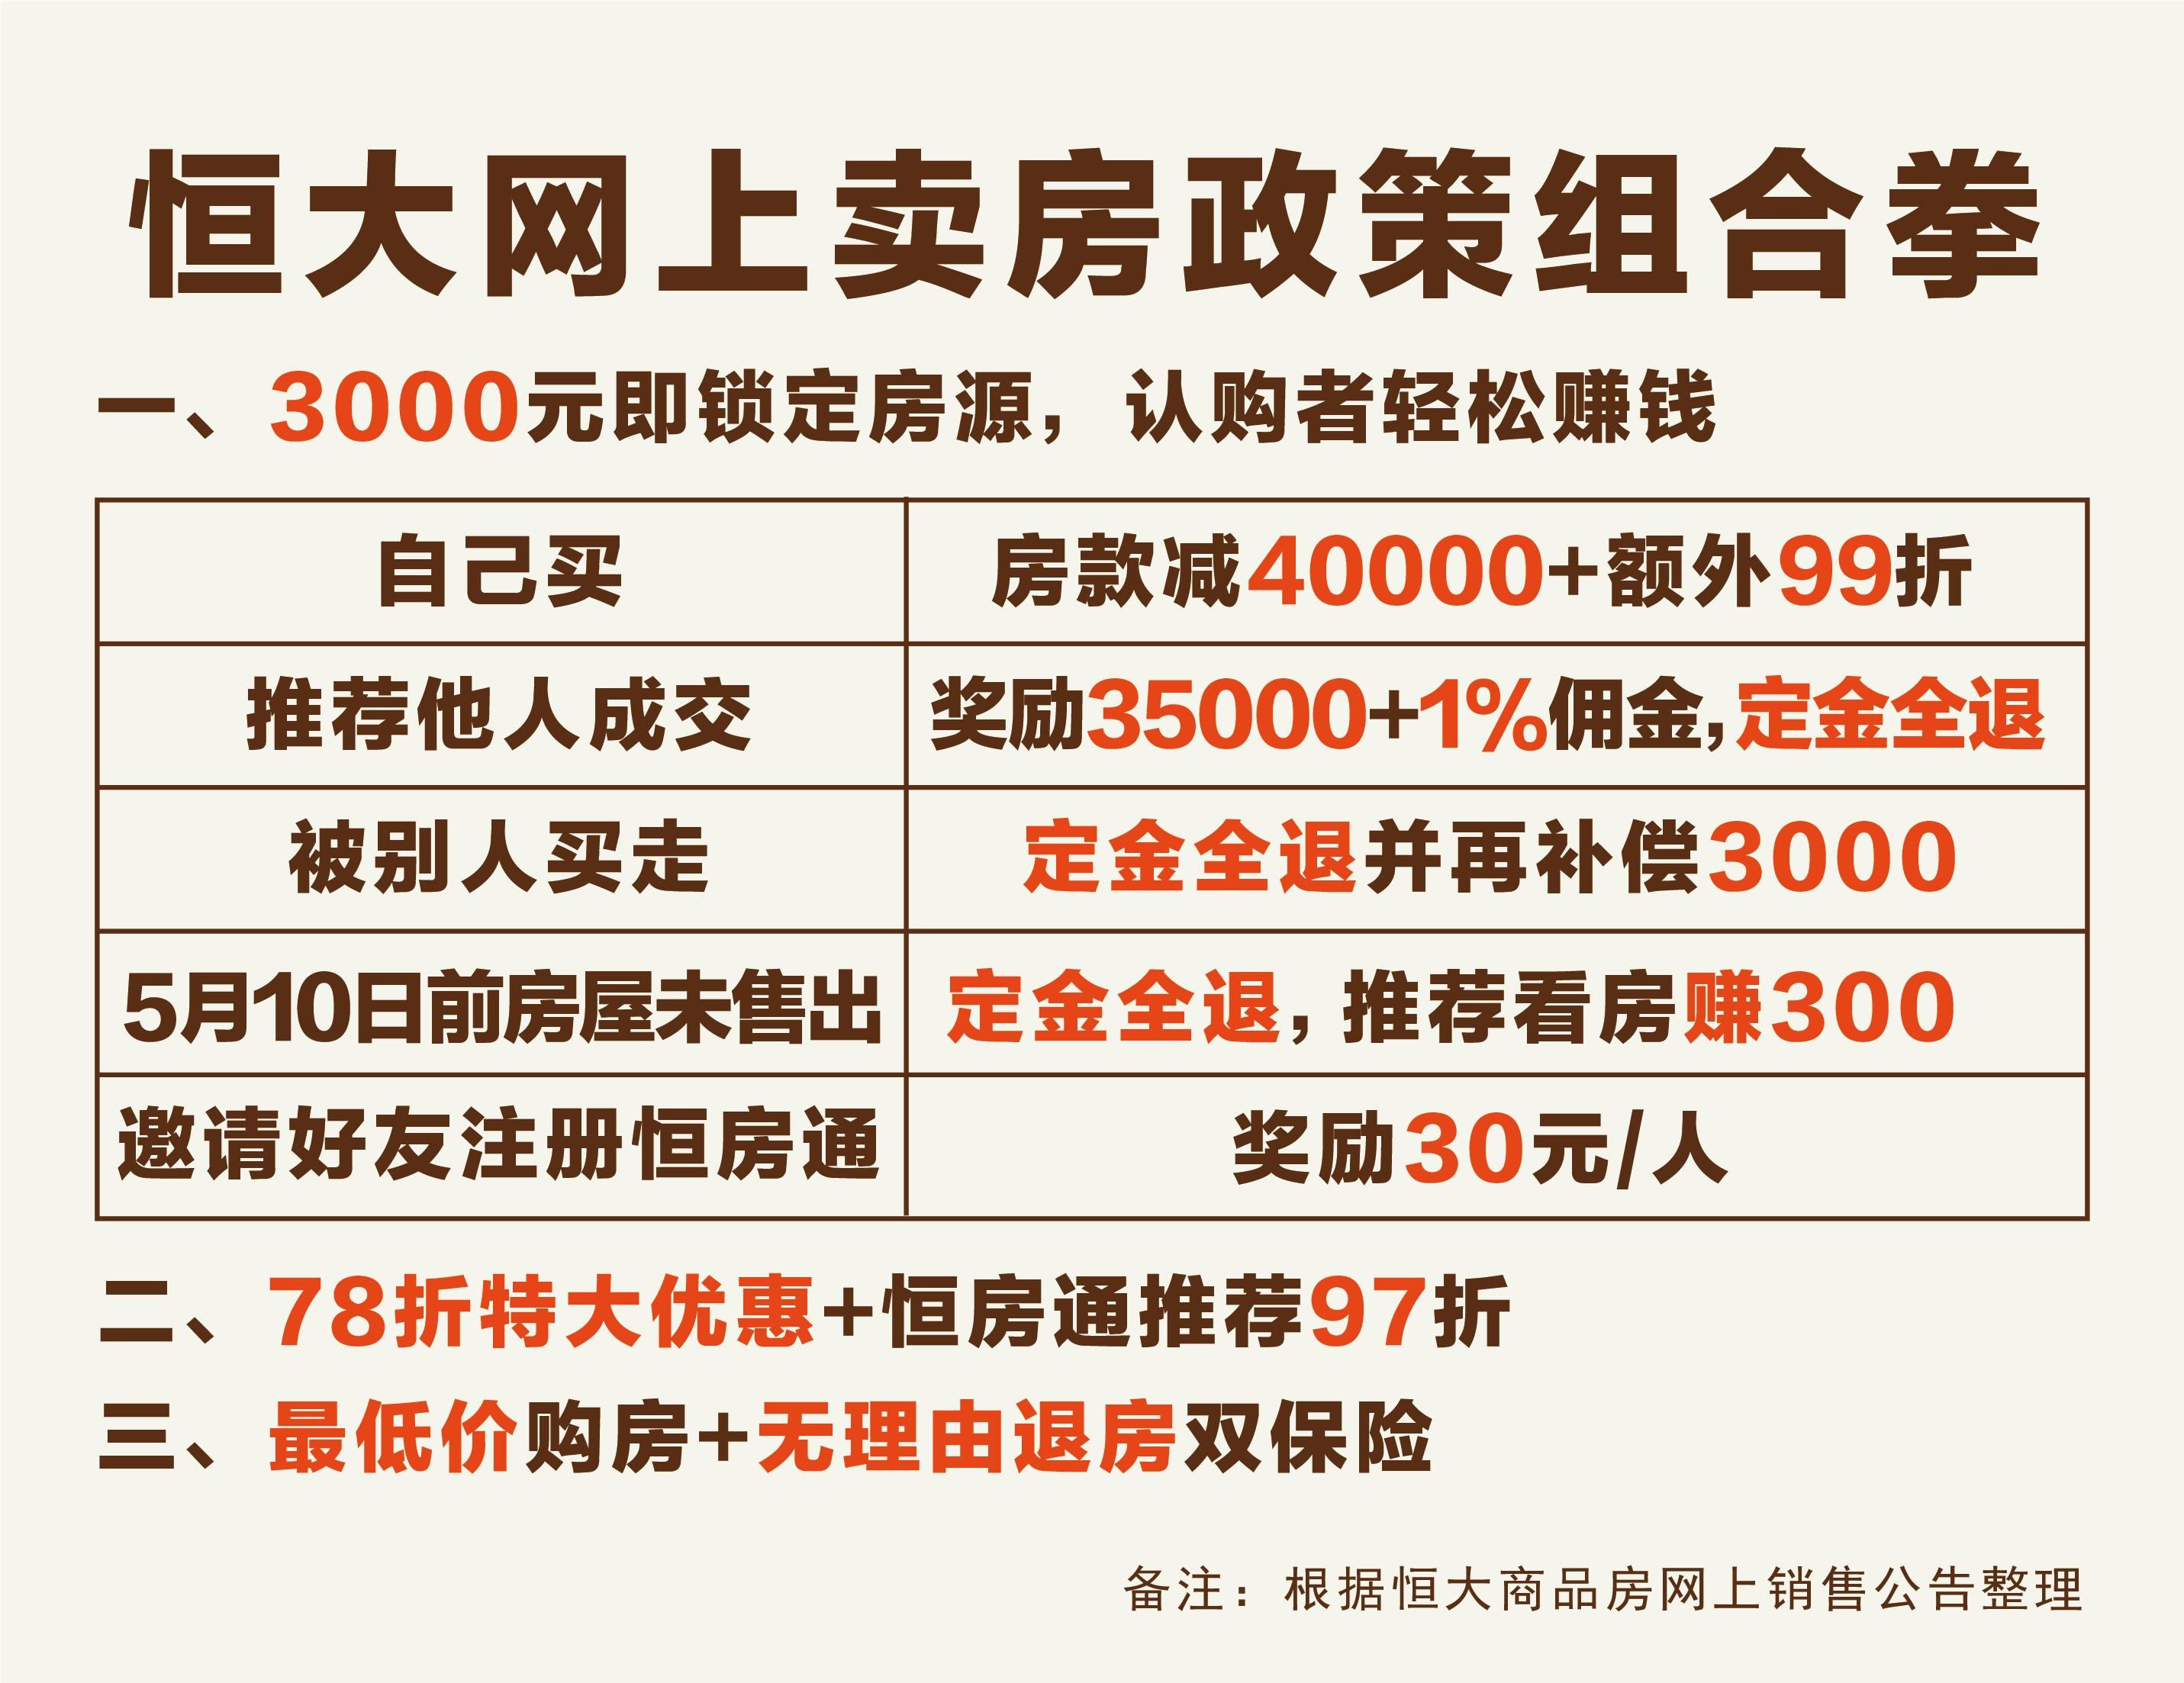 3000定金可赚35000+ 恒大网上卖房营销战略再升级